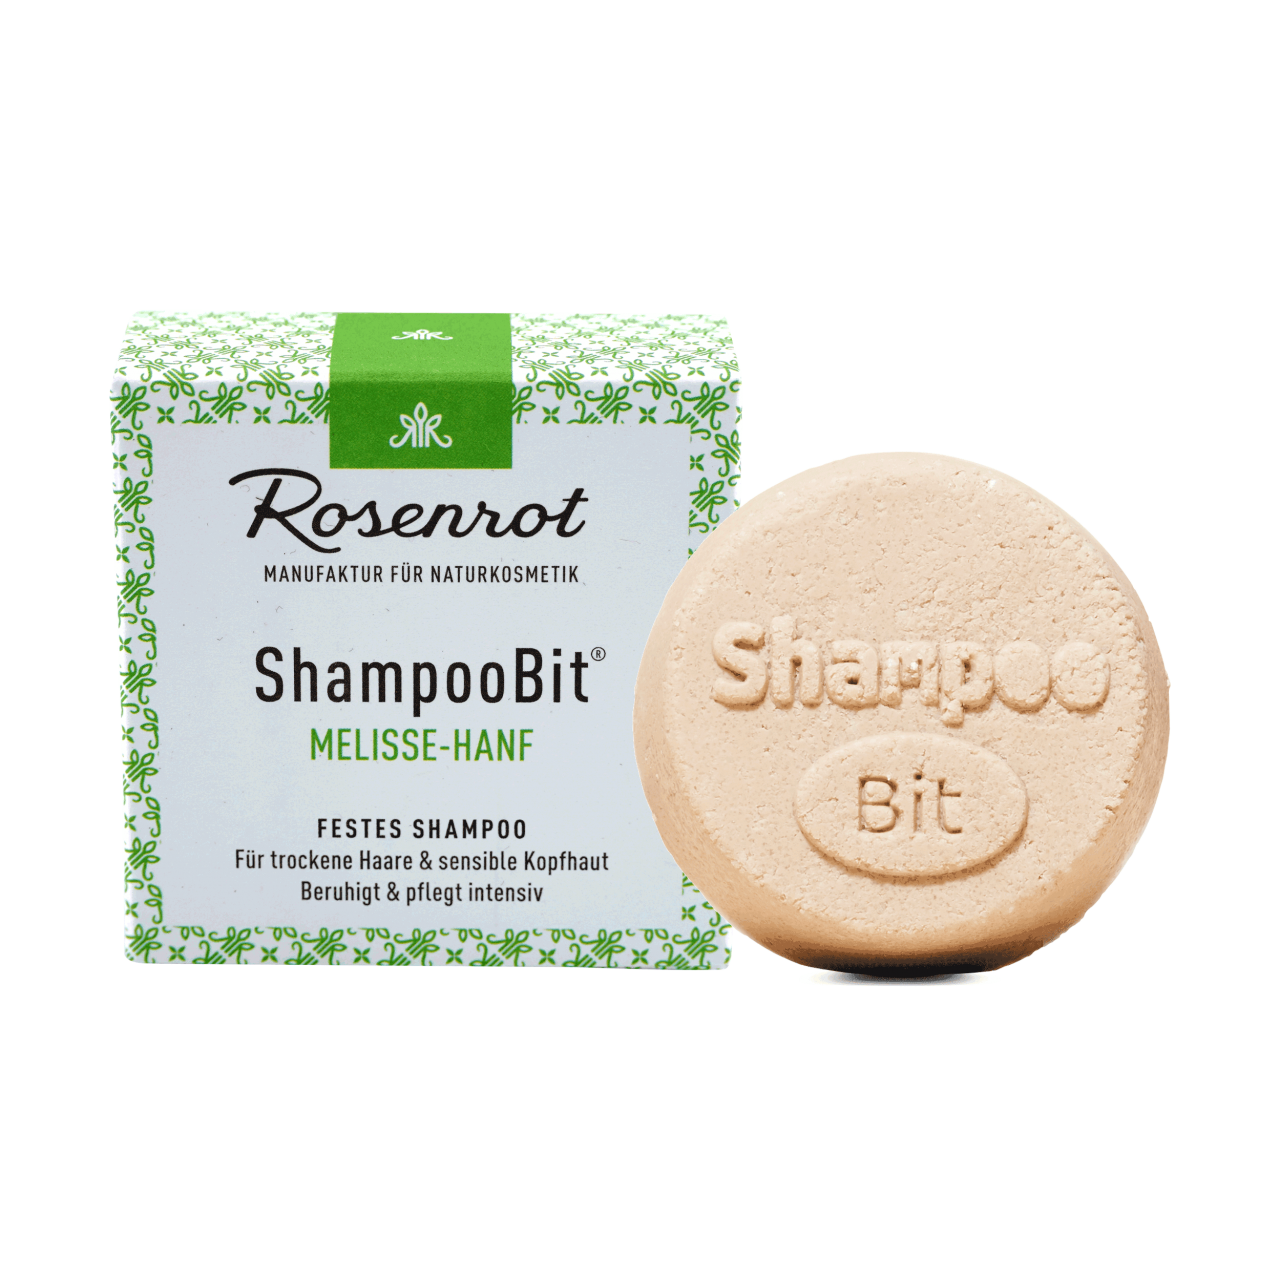 ShampooBit® - festes Shampoo Melisse-Hanf